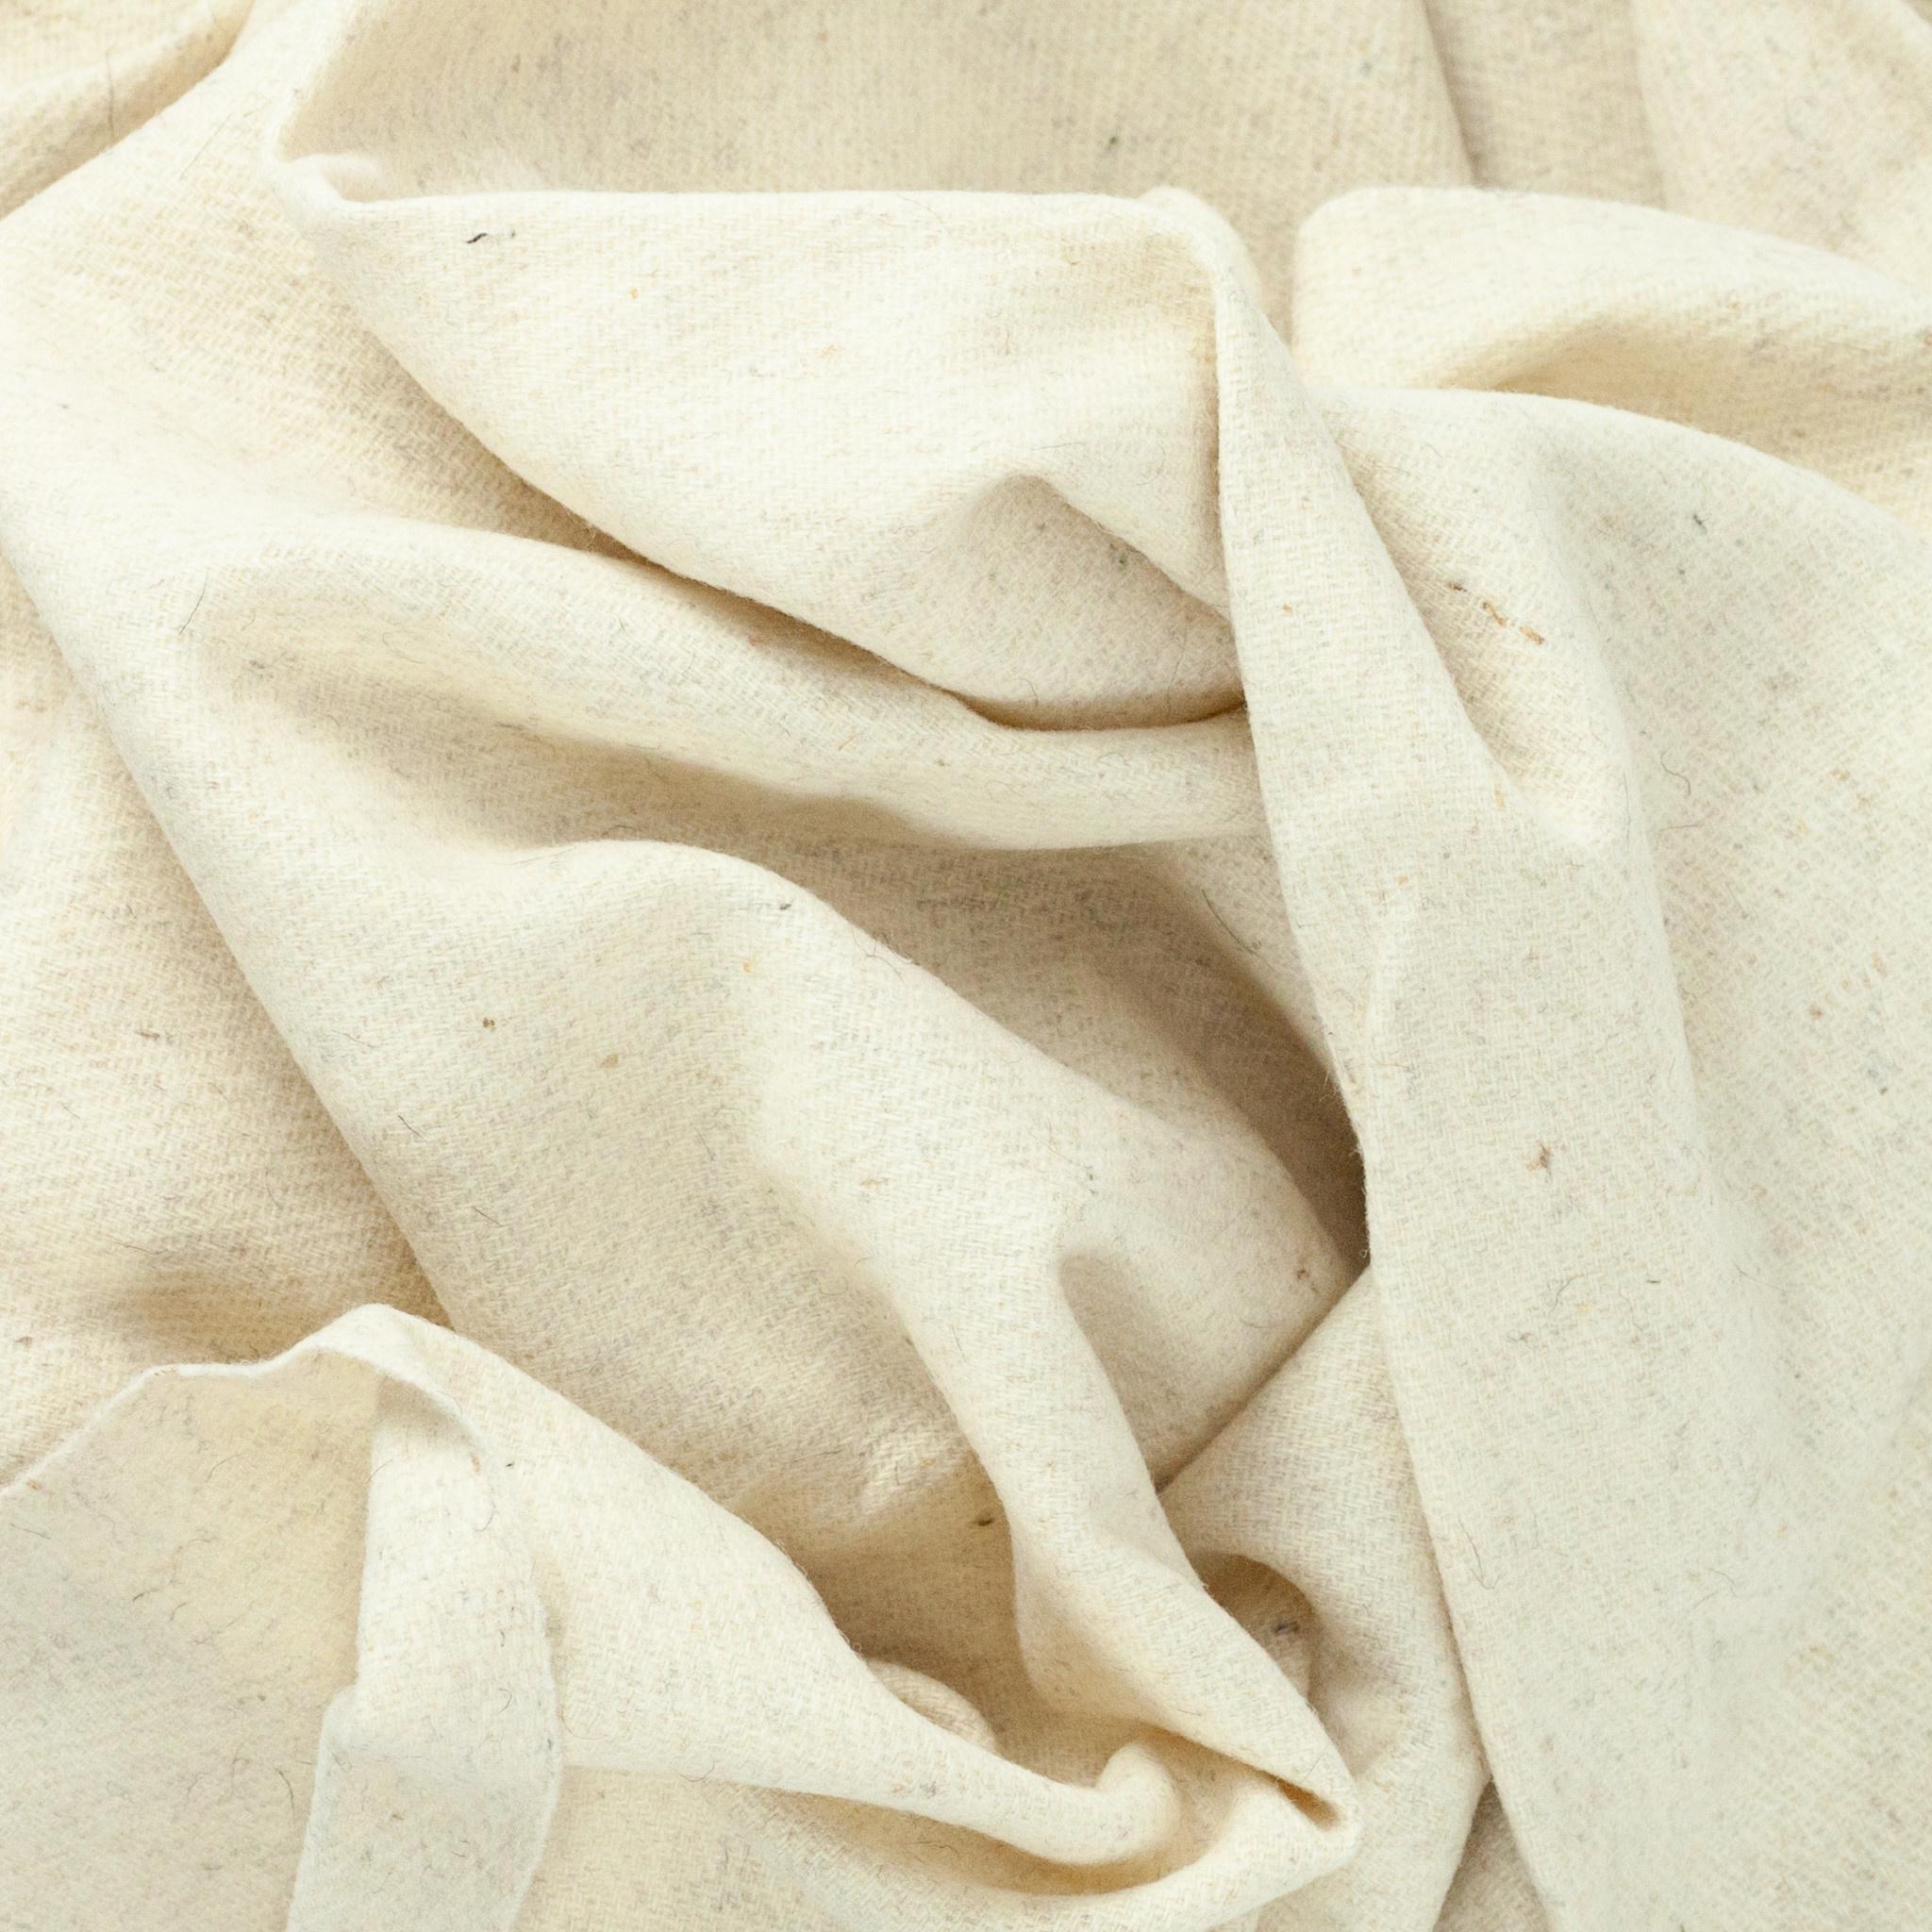 Rustic Wool Blanket - Cream